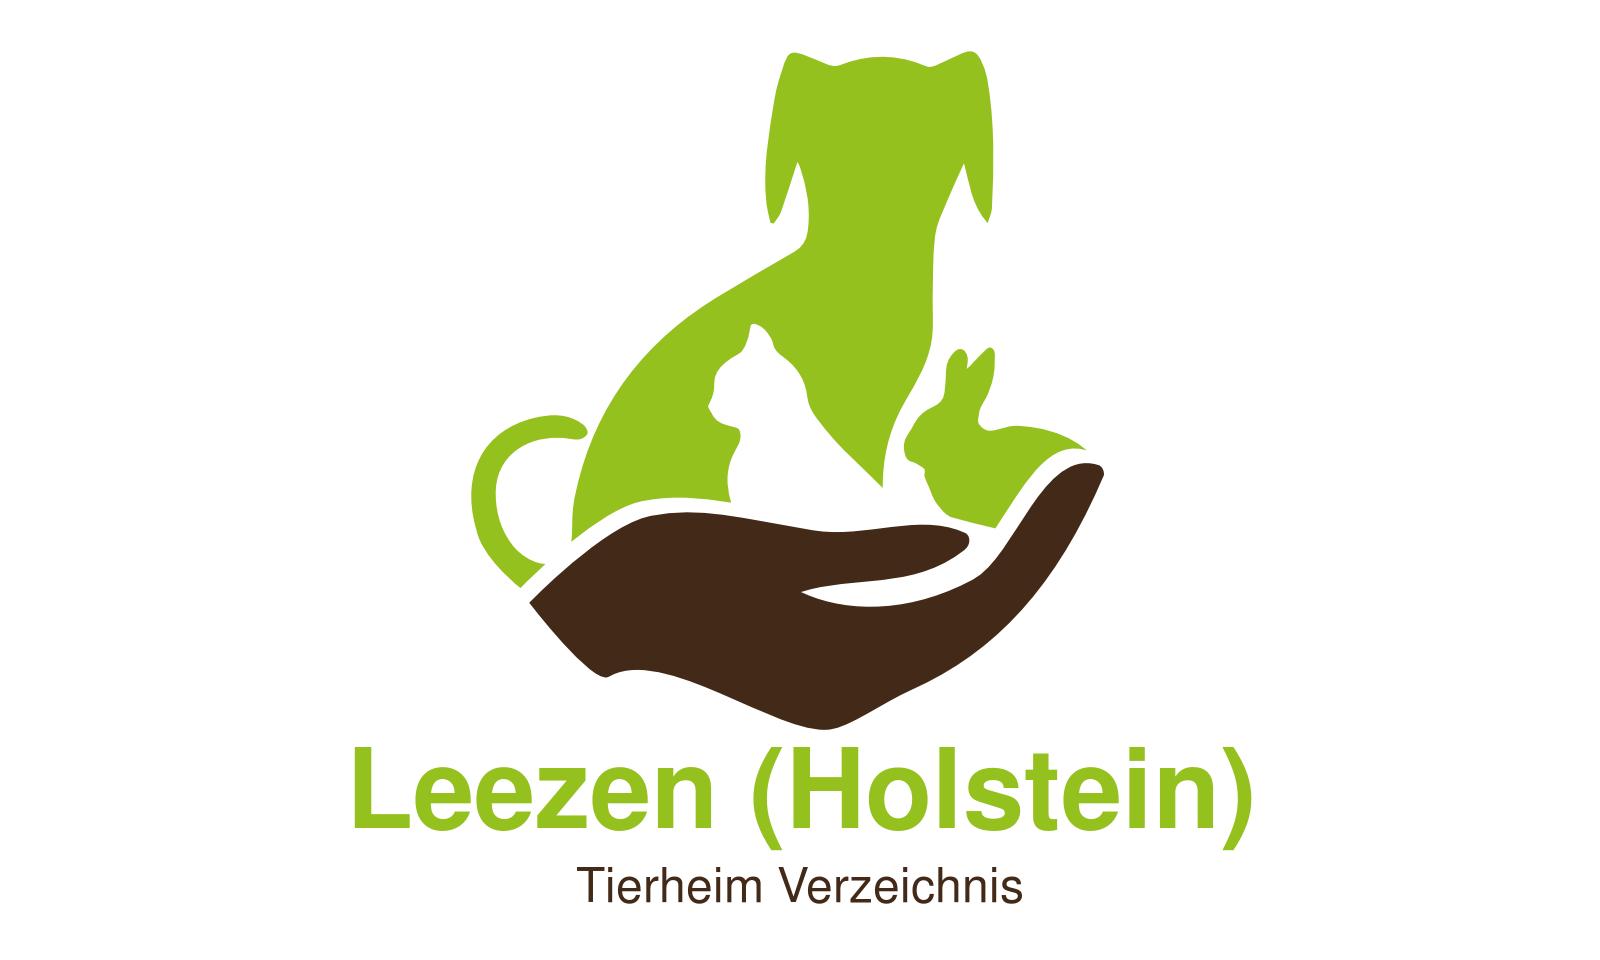 Tierheim Leezen (Holstein)